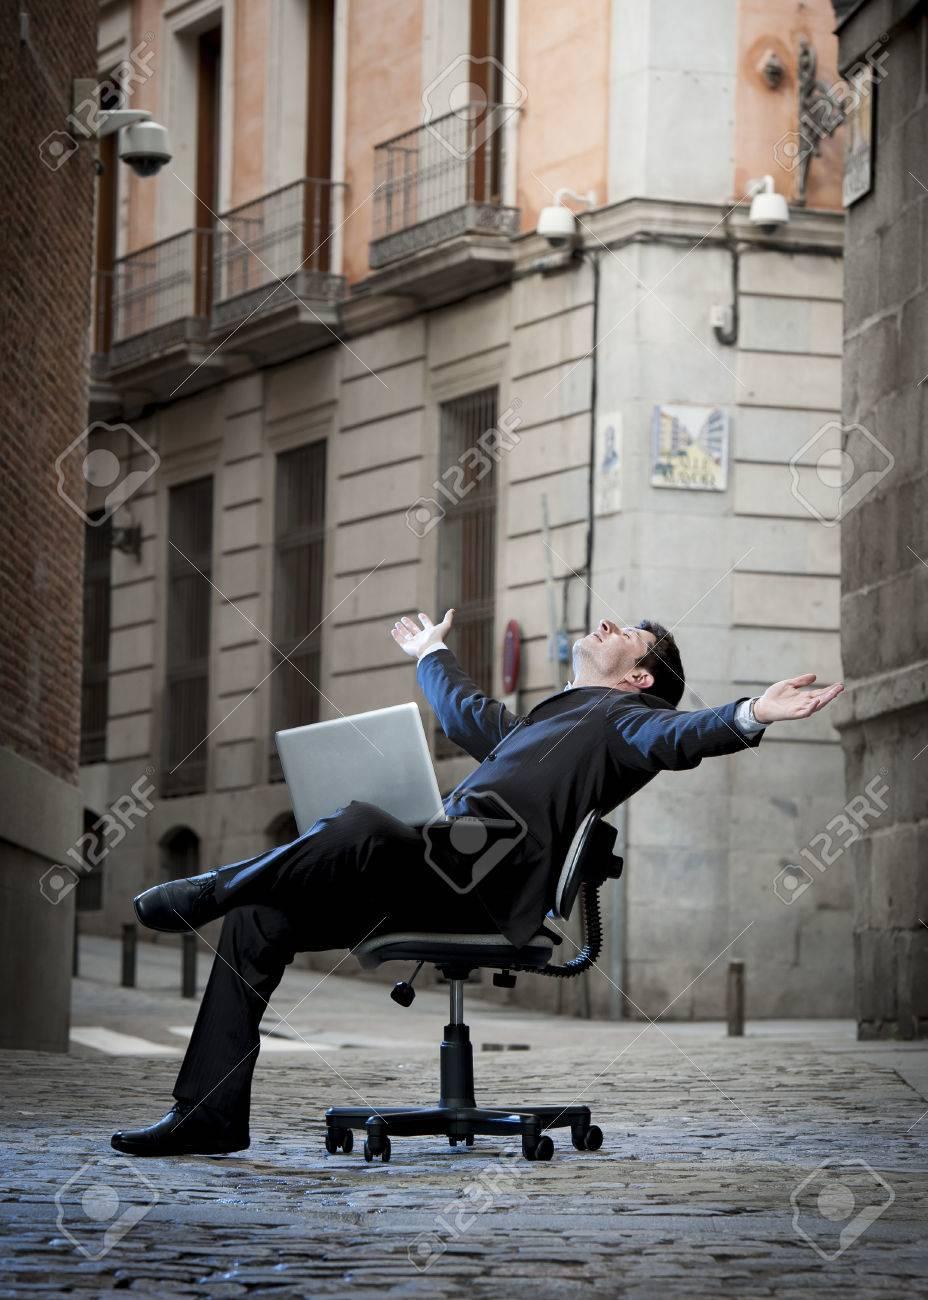 Assis Rue D'affaires Ordinateur Homme Sur La Bonne Avec Une Chaise De Détendue Bureau jSzMVGLUqp